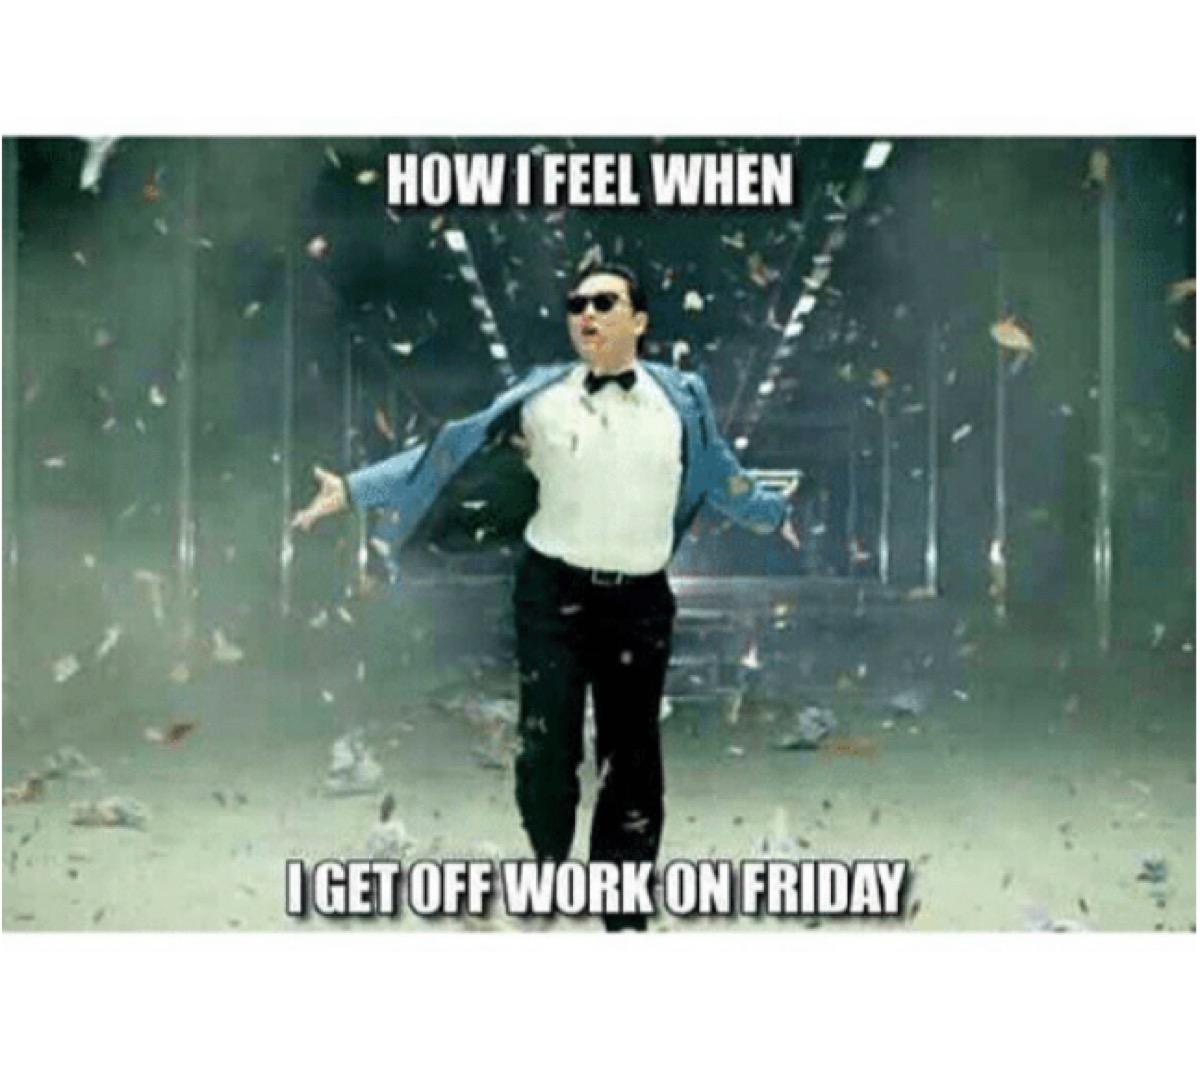 leaving work on friday like work meme